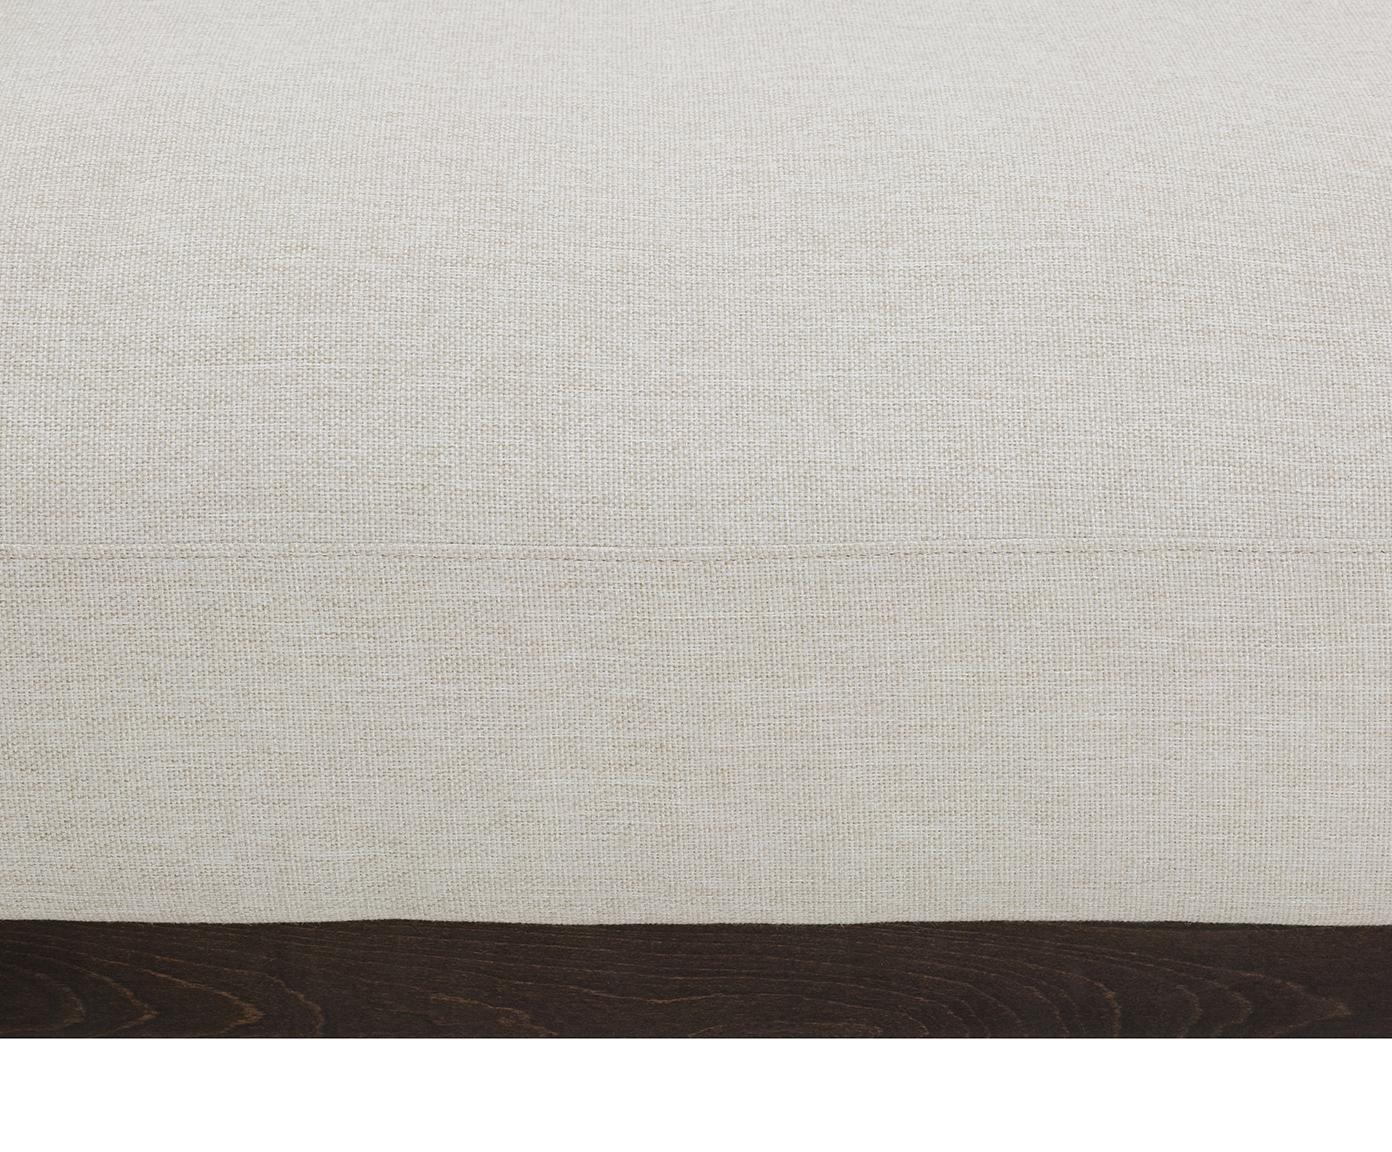 Divano angolare in tessuto beige Brooks, Rivestimento: poliestere 35.000 cicli d, Struttura: legno di pino, massiccio, Cornice: legno di pino, laccato, Piedini: metallo verniciato a polv, Tessuto beige, Larg. 315 x Prof. 148 cm